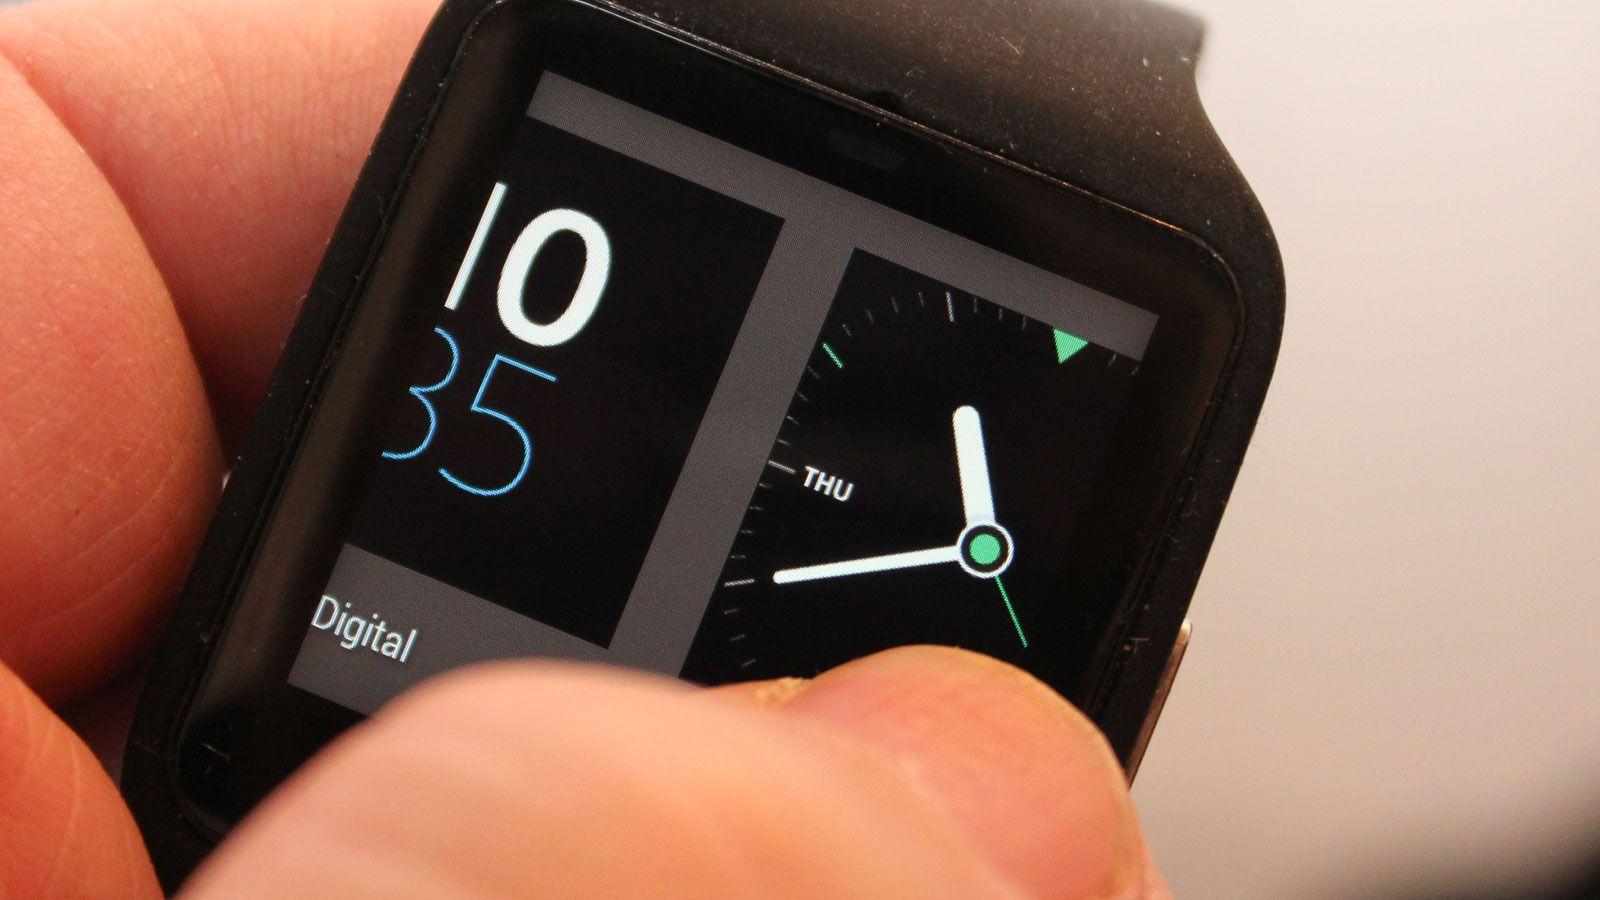 Trykk og hold på klokkeskjermen, og du får tilgang til flere skjermoppsett du kan velge mellom.Foto: Espen Irwing Swang, Tek.no